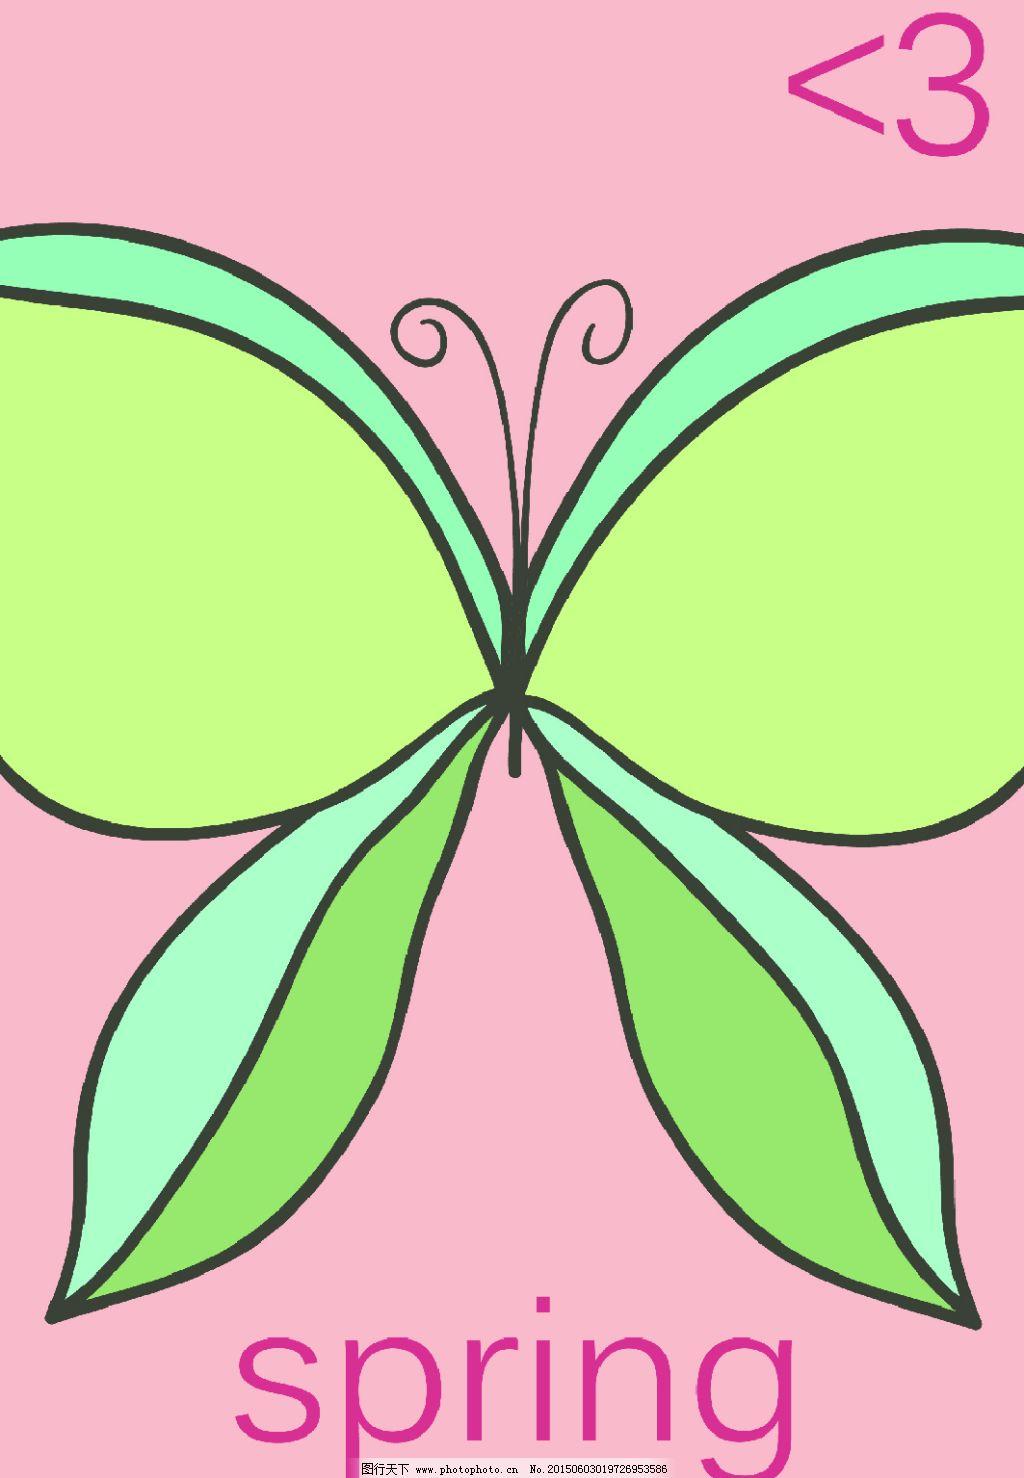 可爱蝴蝶春天简约手绘插画